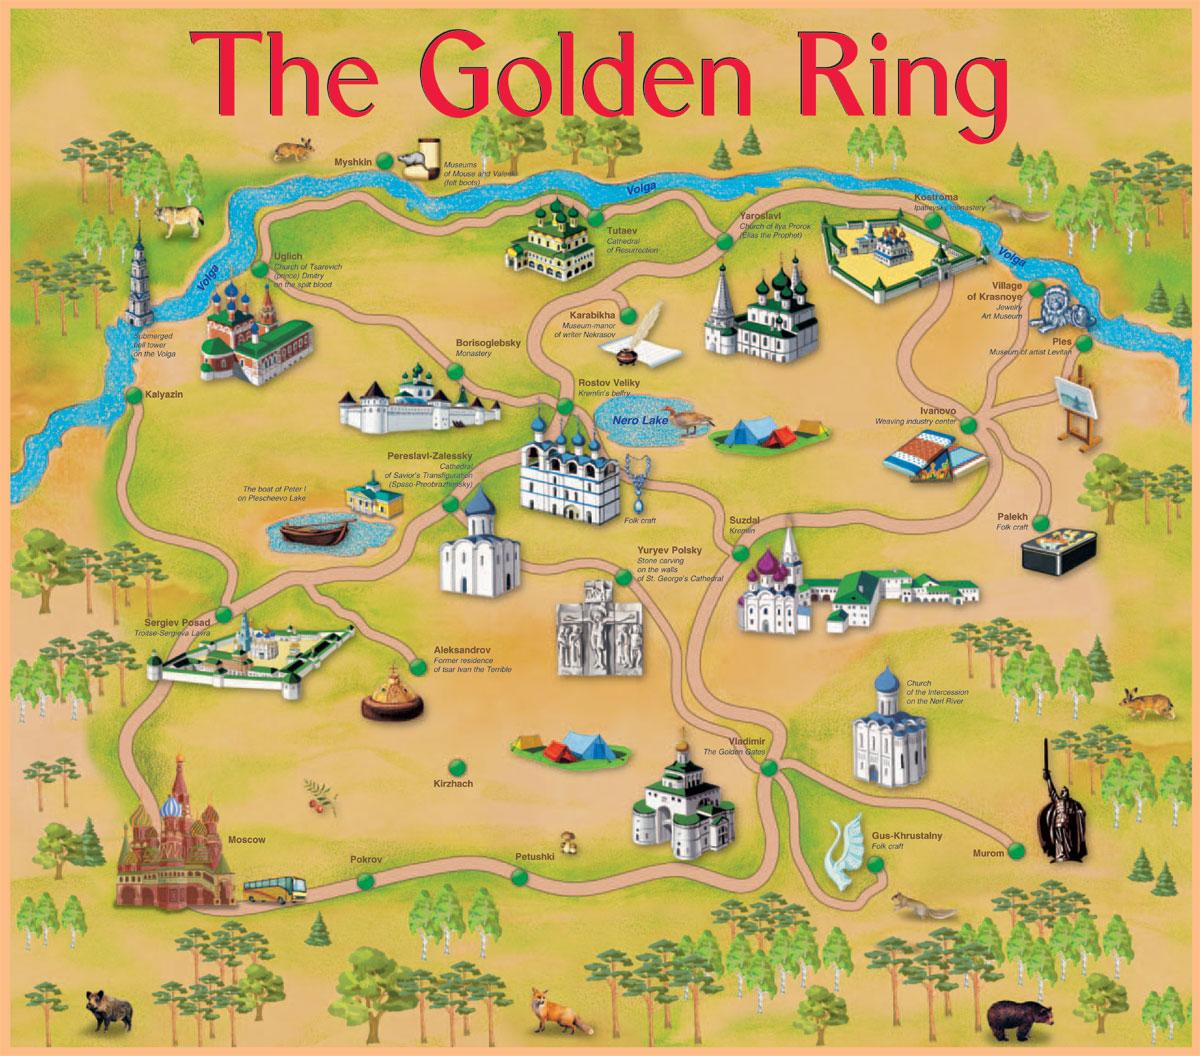 золотое кольцо россии туризм